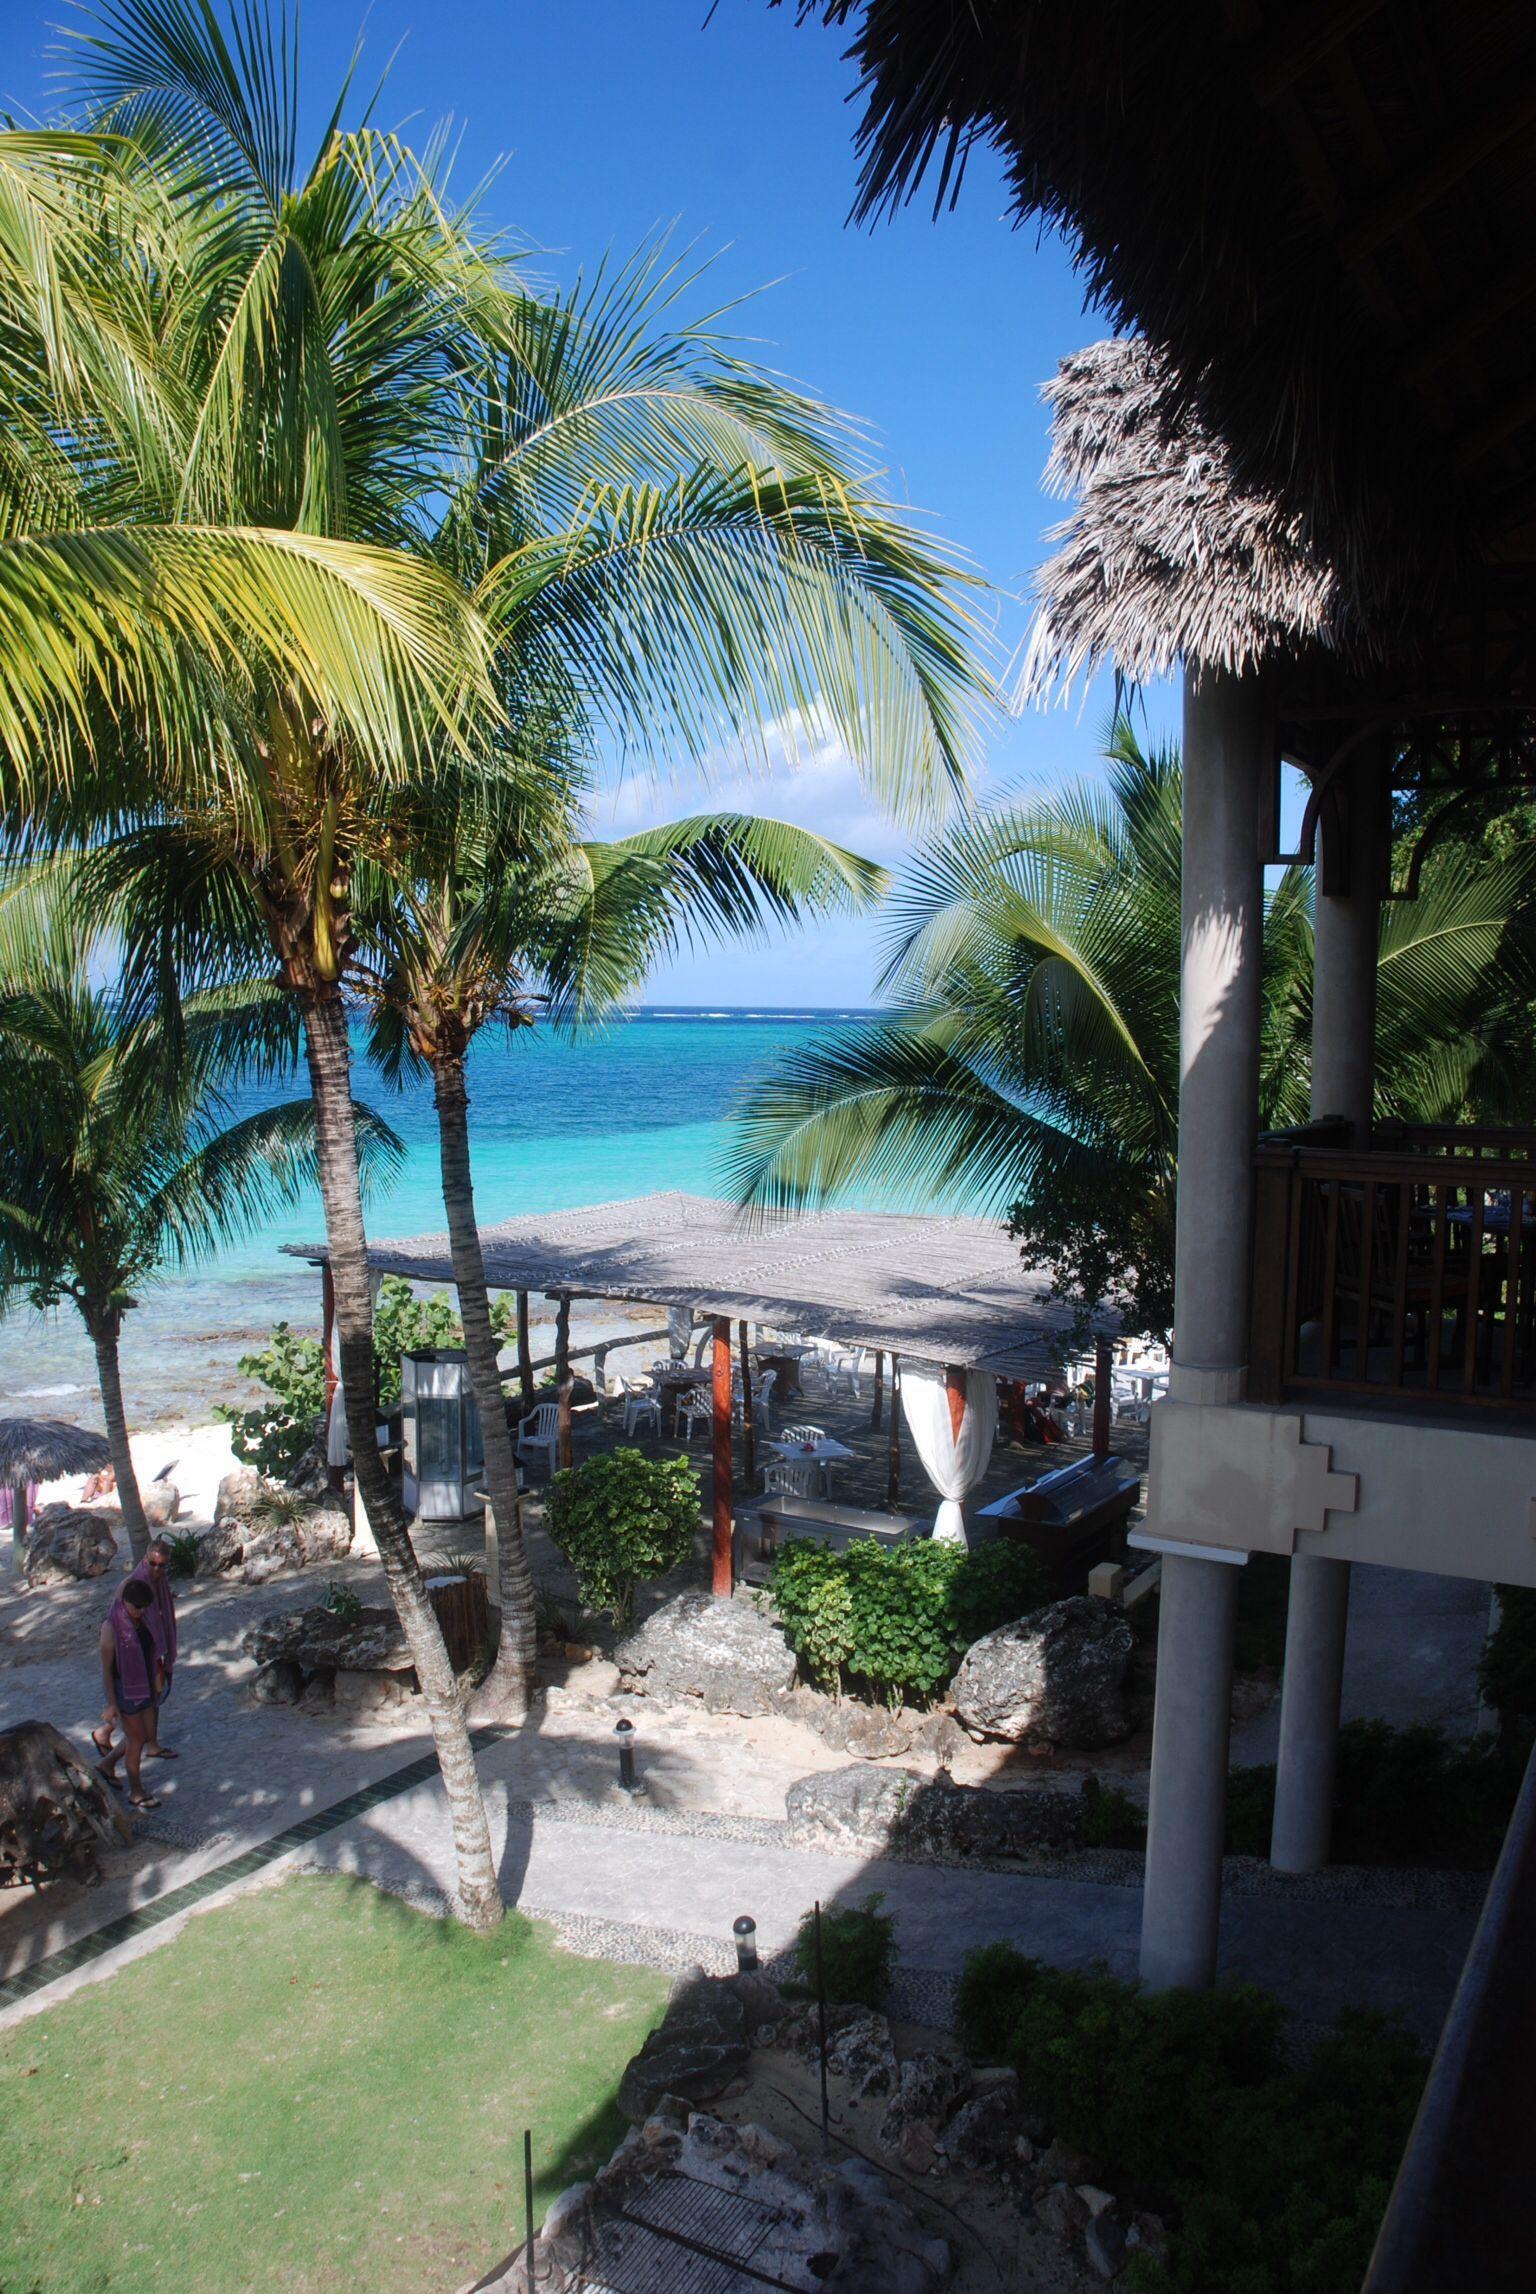 Rio De Oro Guardalavaca Cuba Caribbean Islands To Visit Cuba Beaches Cuba Island